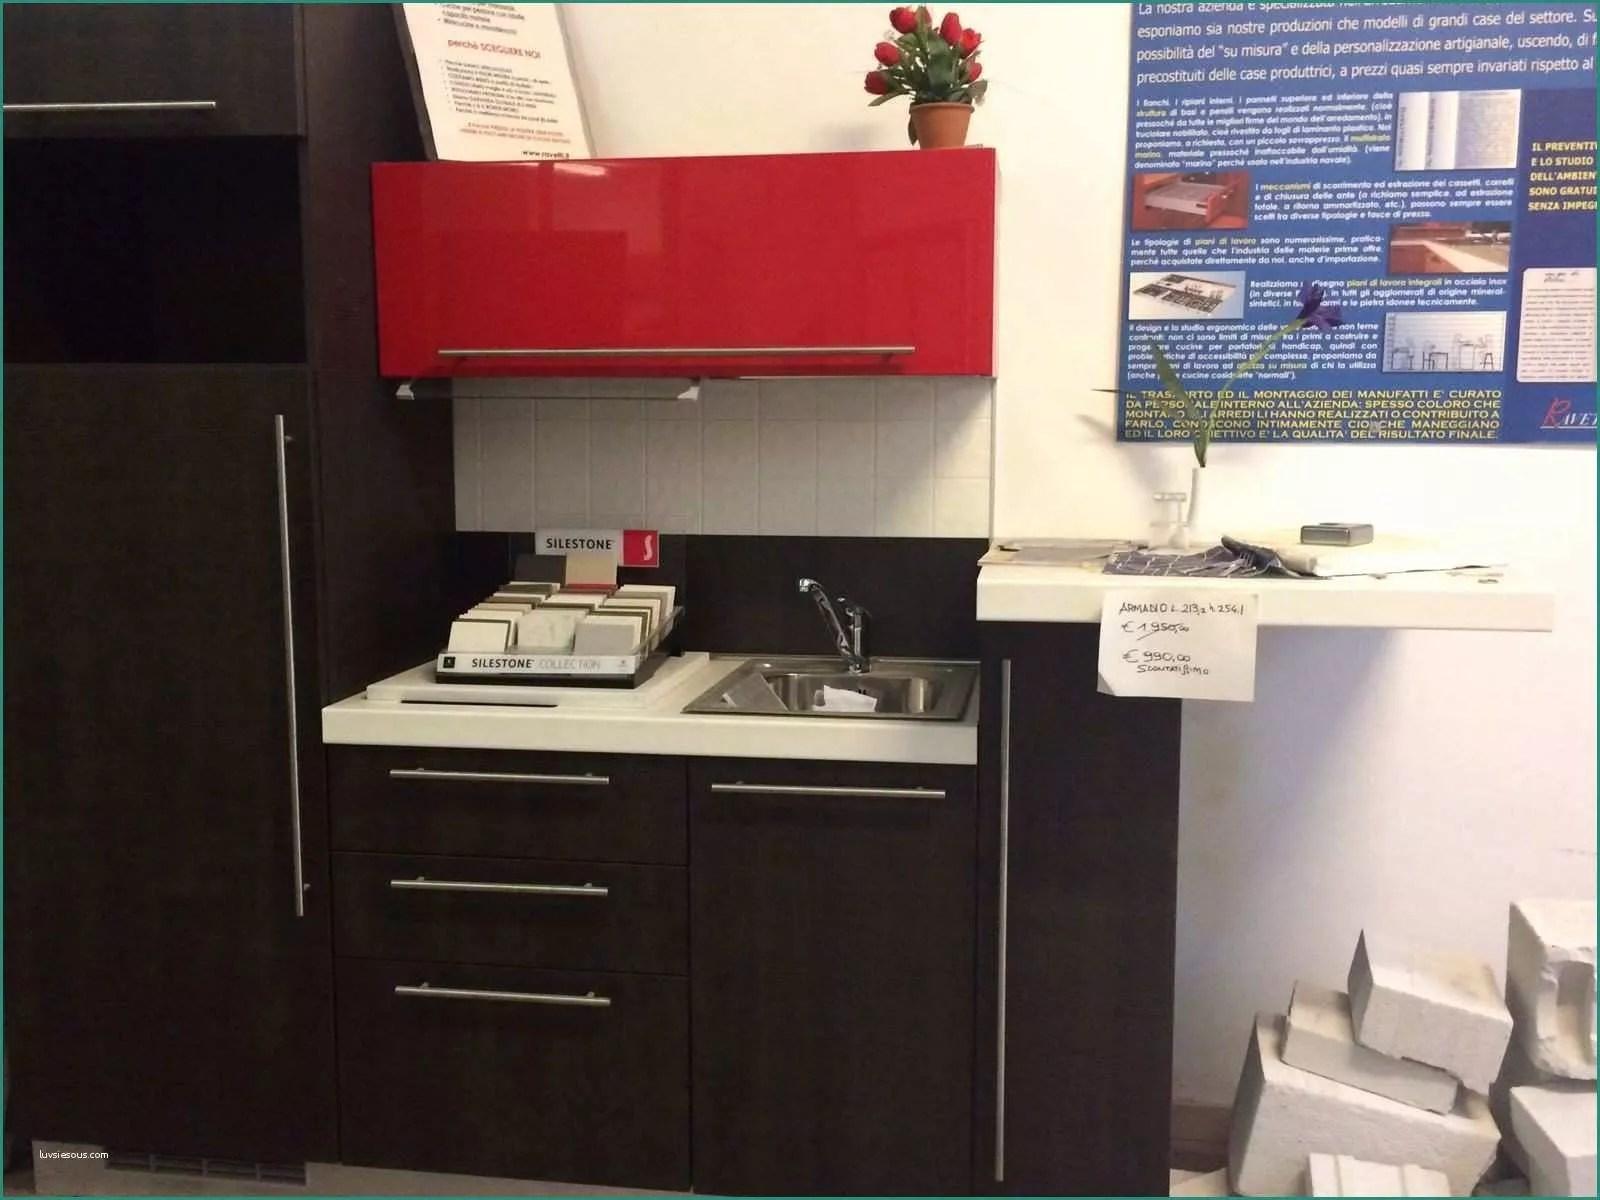 Cucina Moderna Ikea | Comprare Una Delle Cucine Fai Da Te Ikea